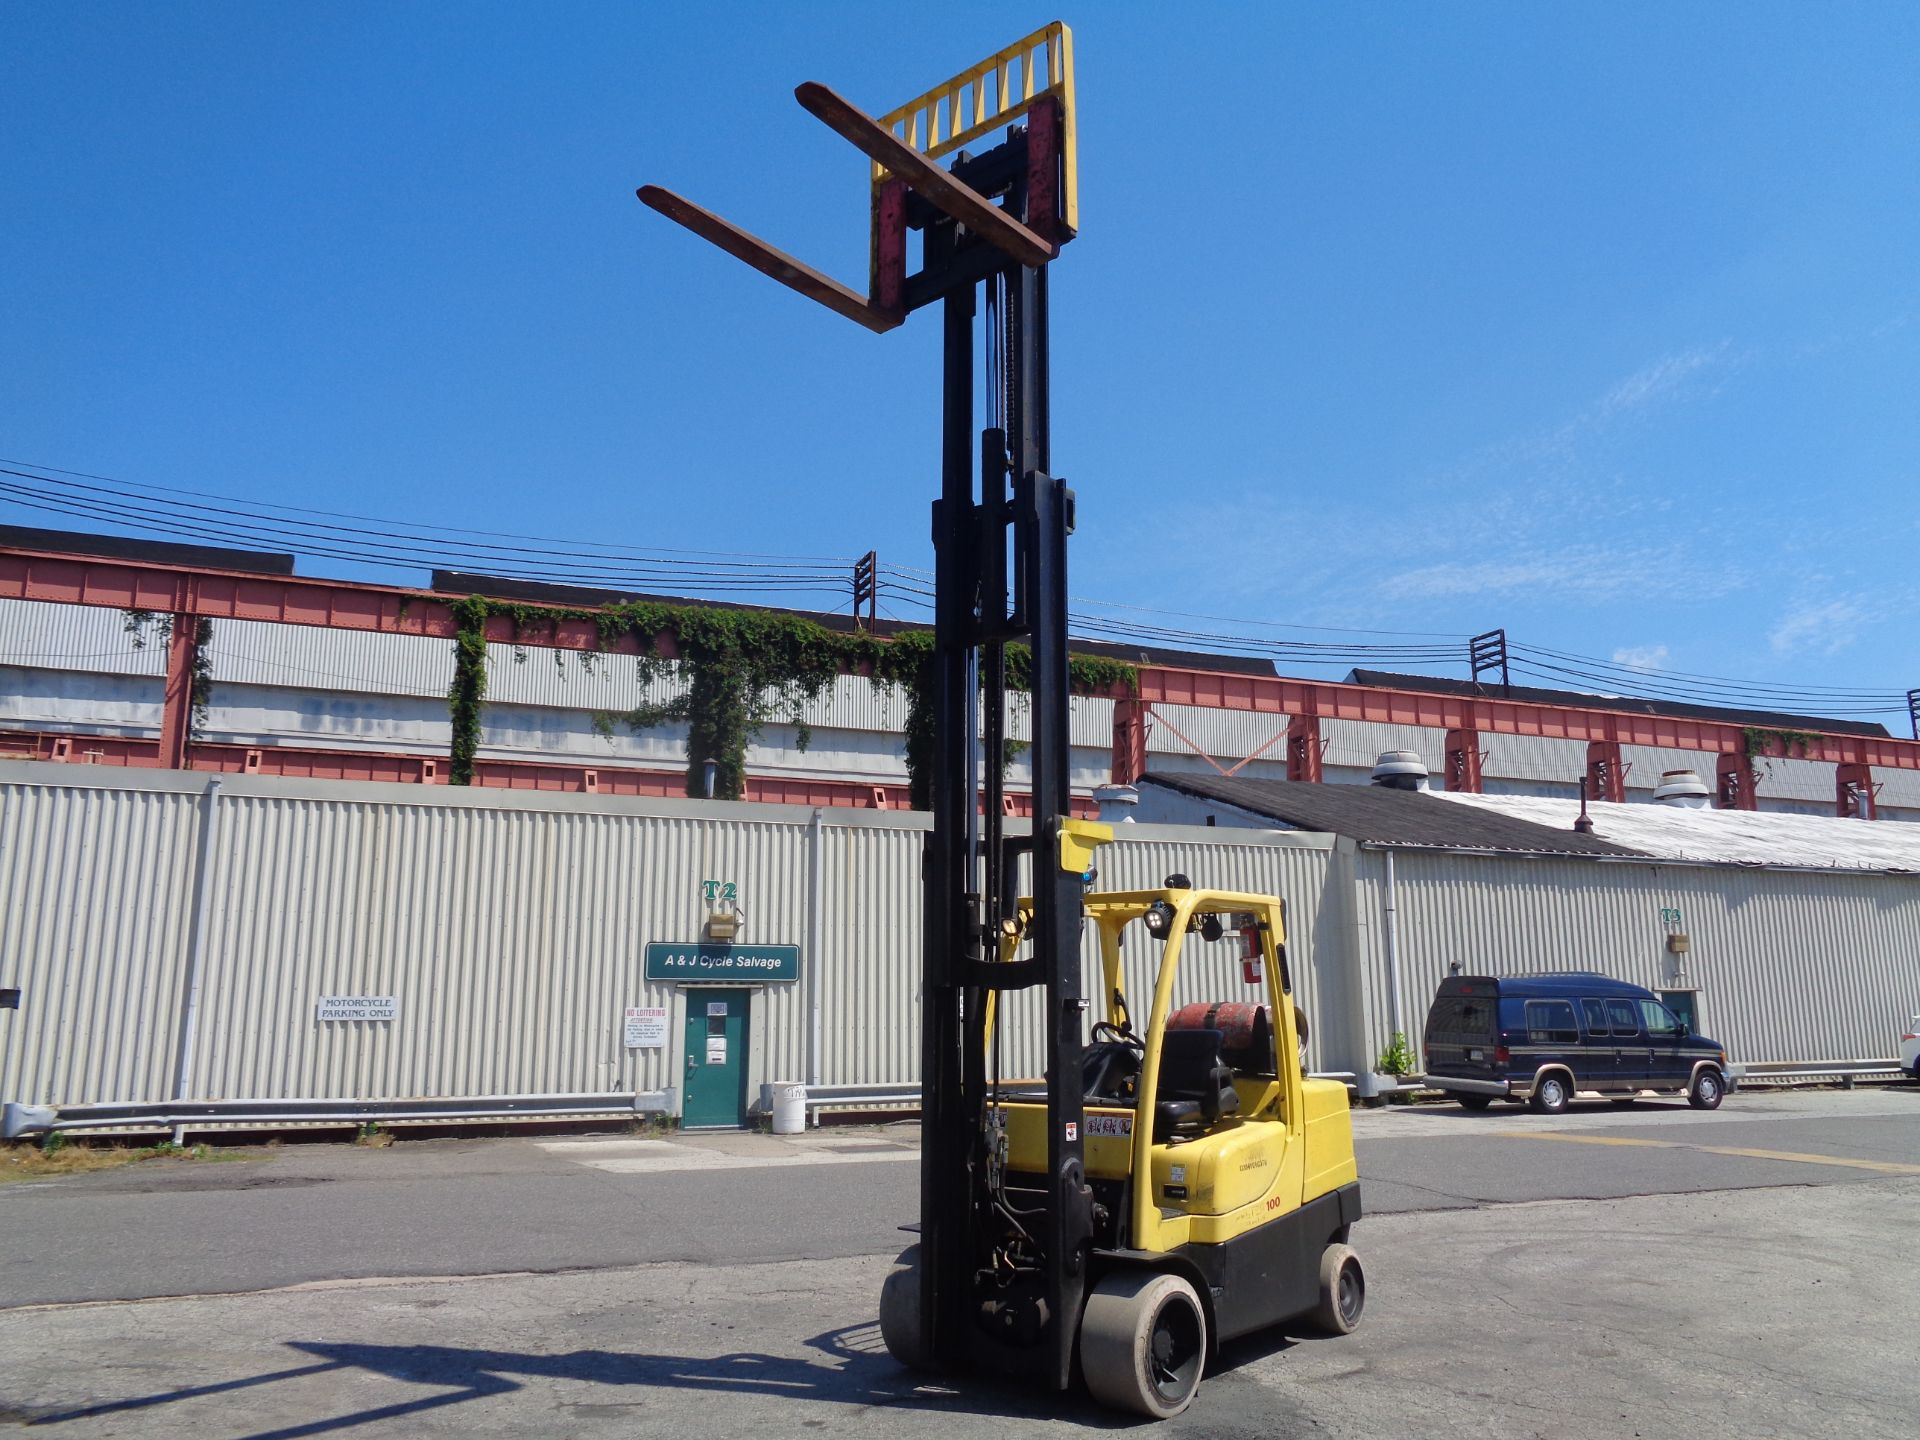 Hyster S100FT 10,000lb Forklift - Image 12 of 17